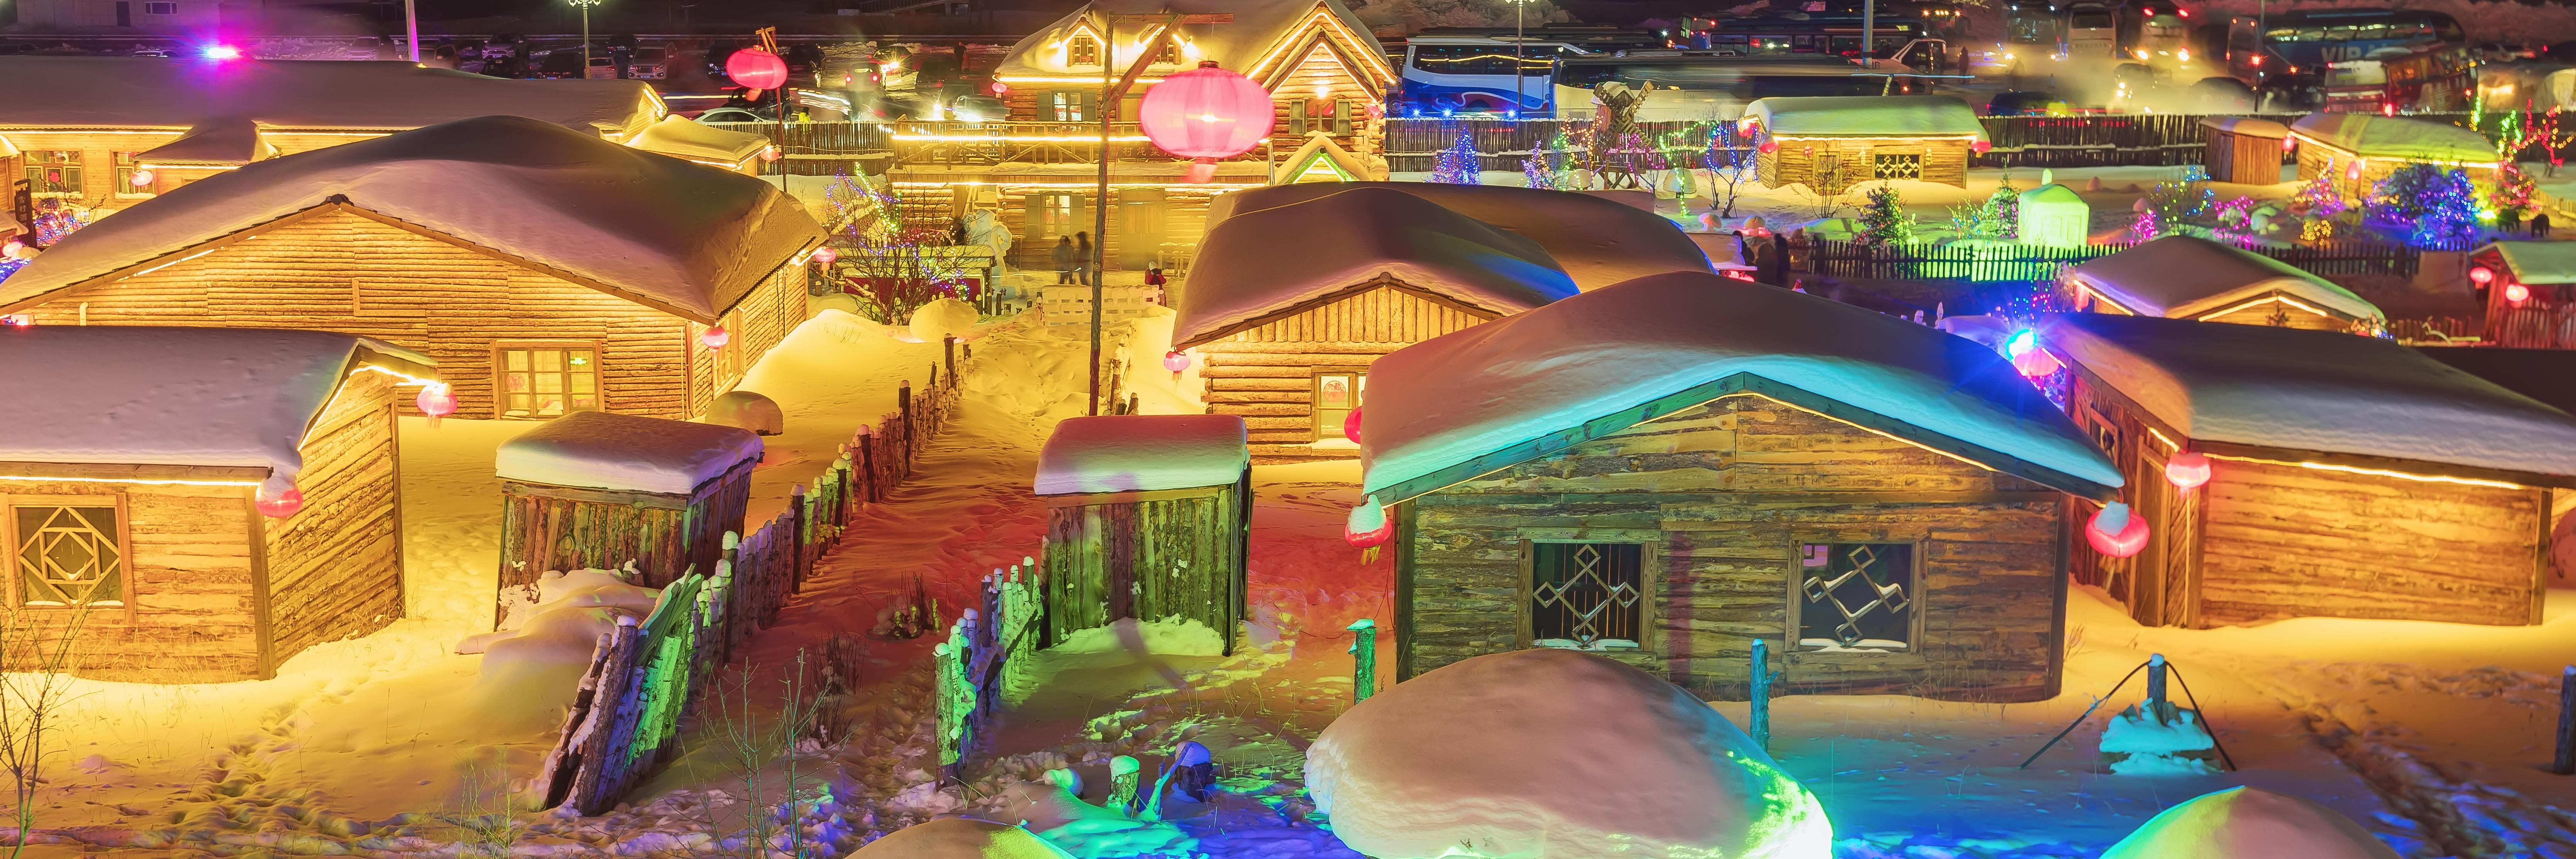 阿爾山新出道的雪村VS名滿江湖的雪鄉 兩者PK 您選哪家?